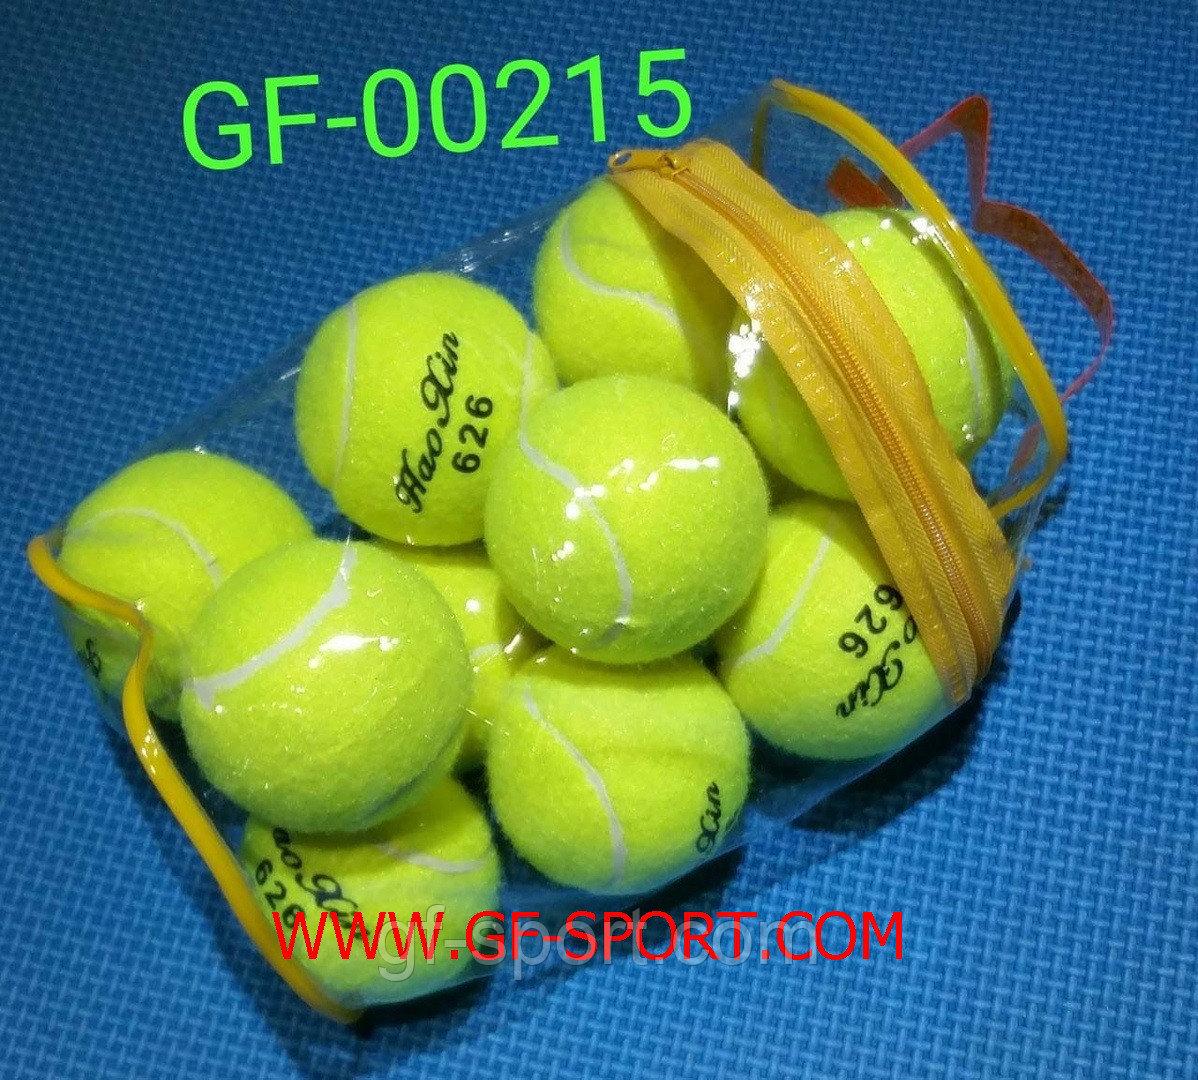 Теннисные шарики 00215